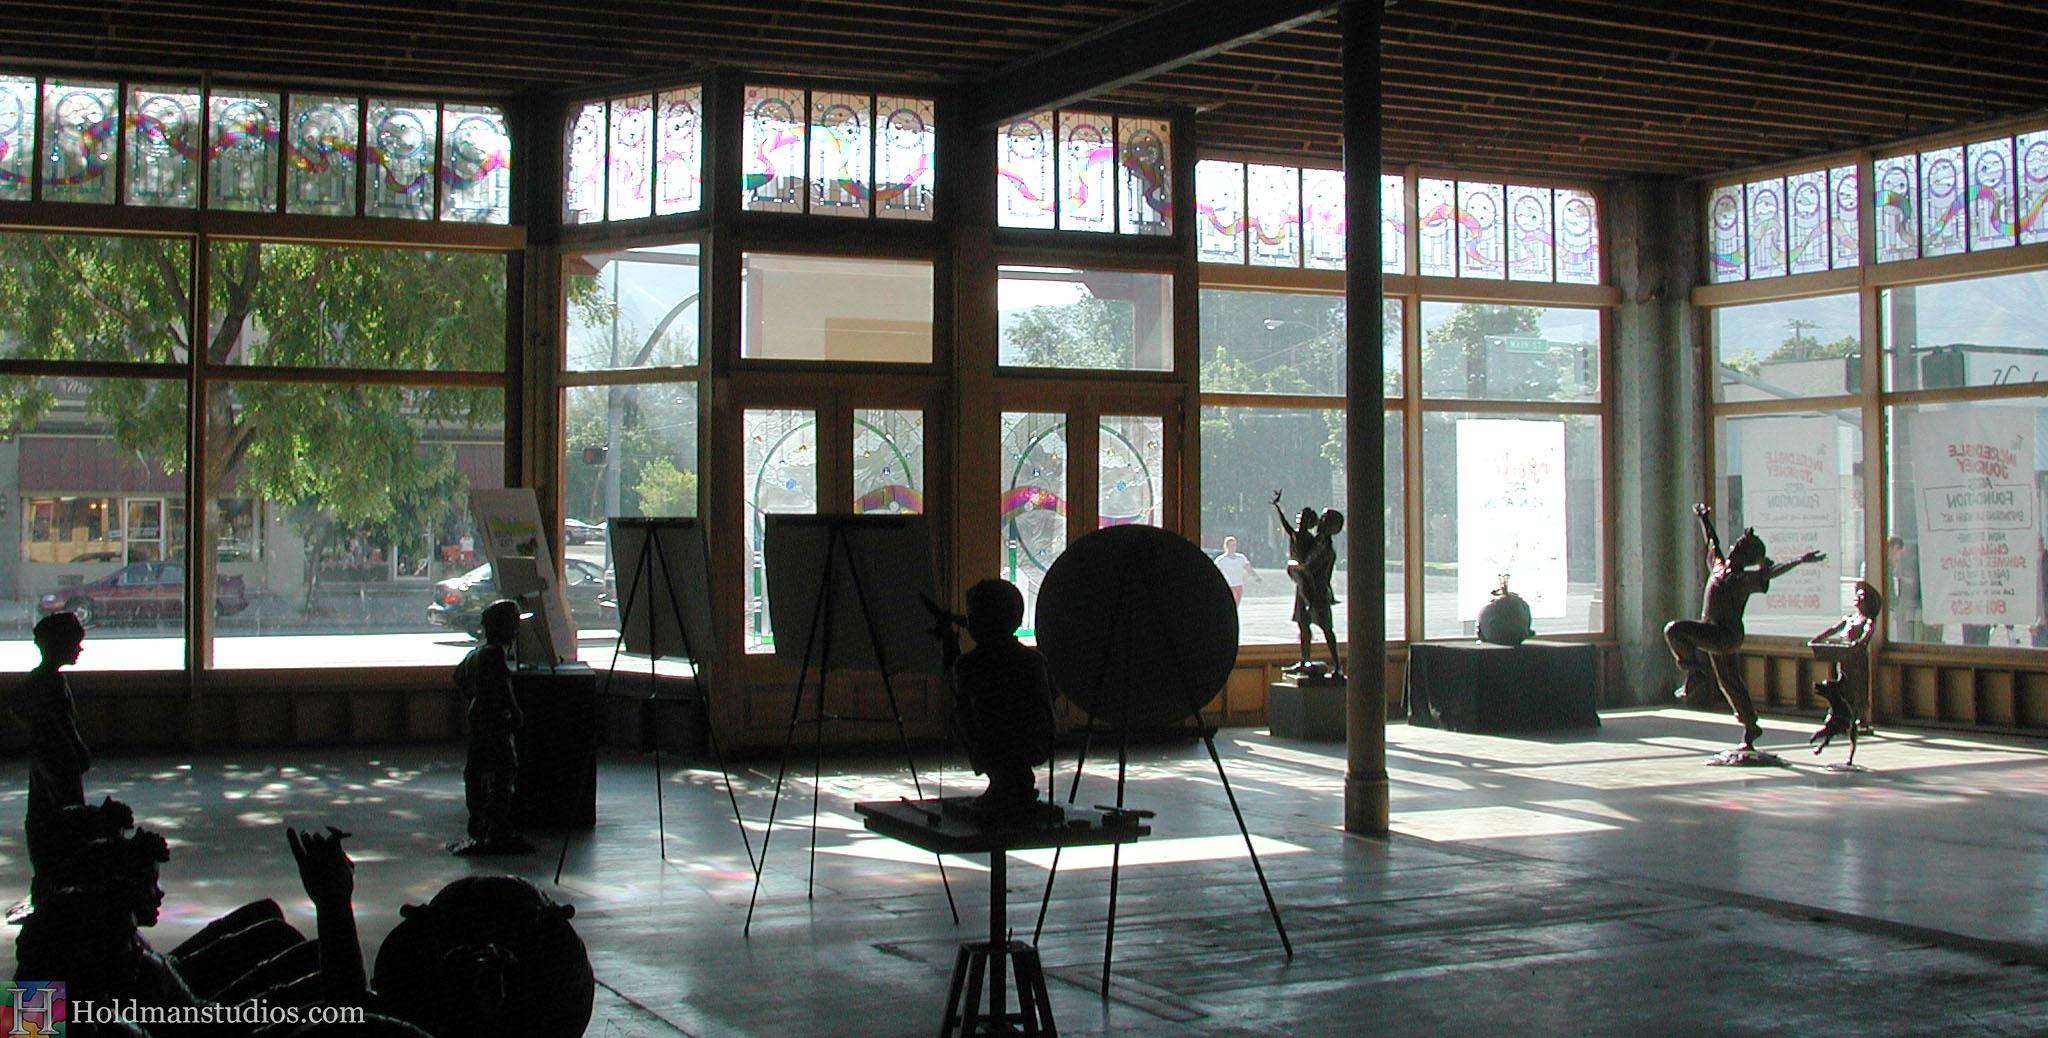 Stained Glass_Gary Price Studio 2.jpg